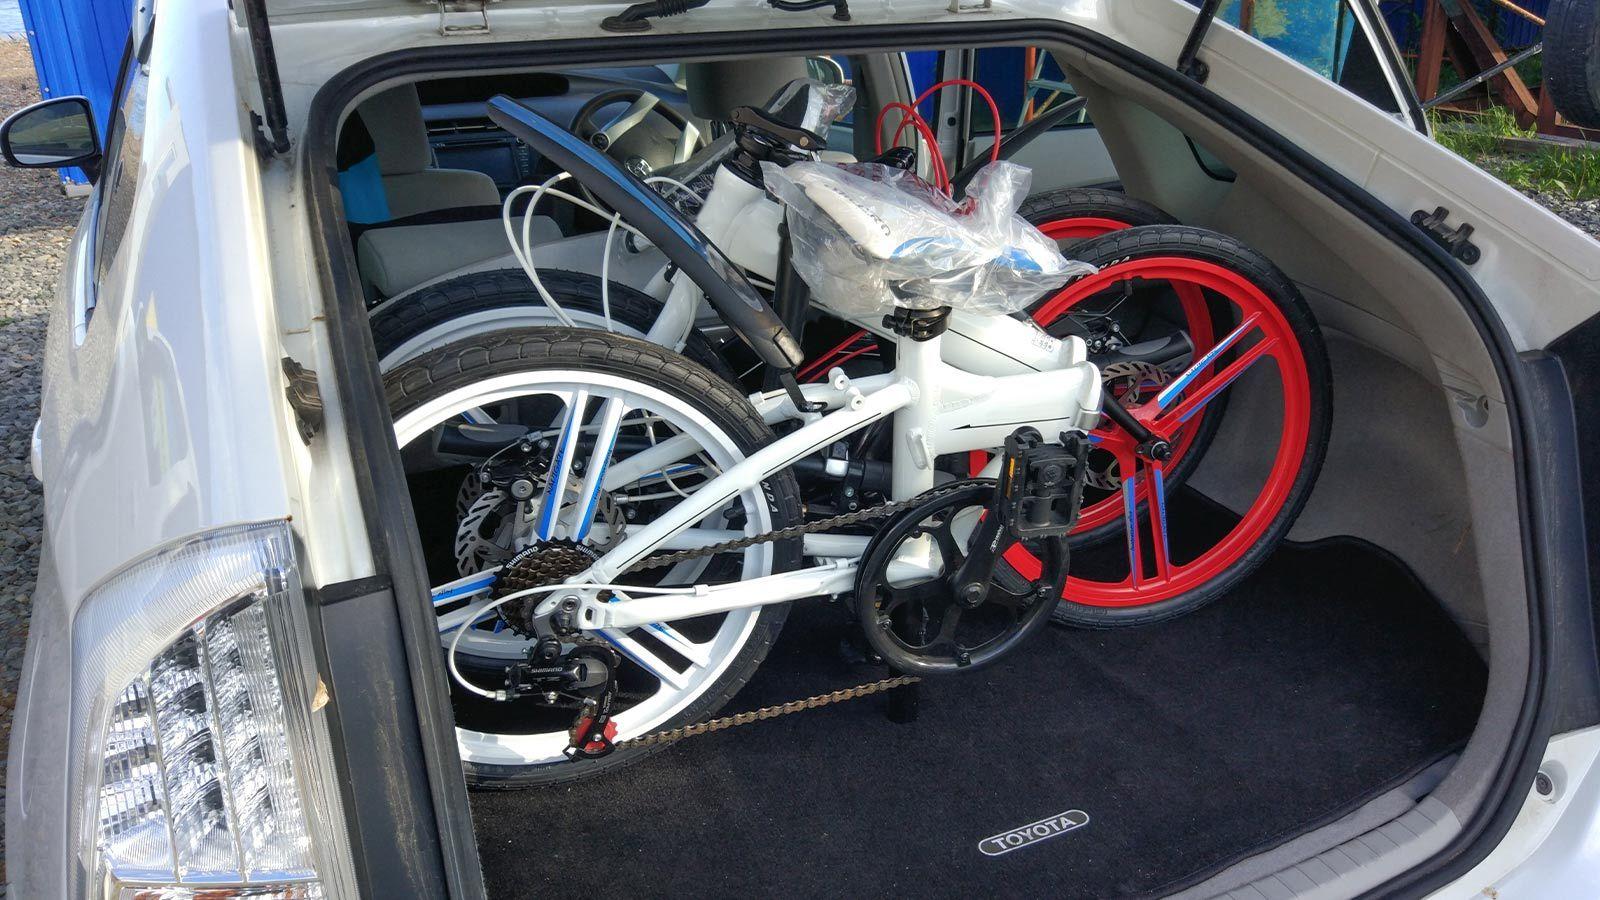 велосипеды складные в багажнике